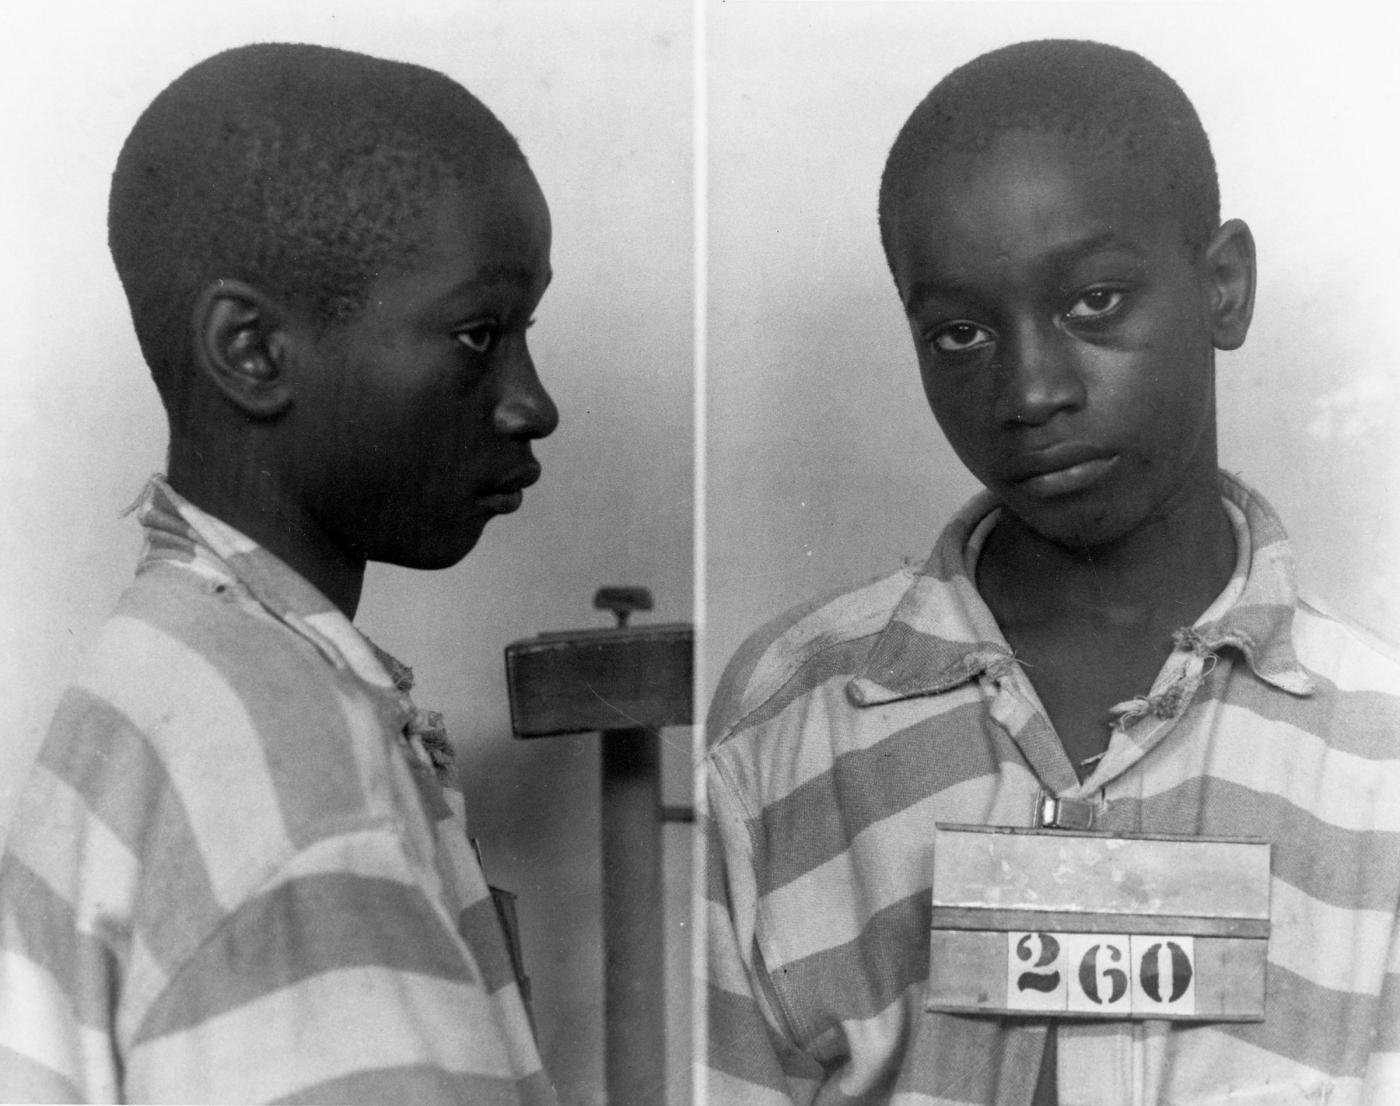 Condannato a morte da giovane: dopo 70 anni scoprono che era innocente